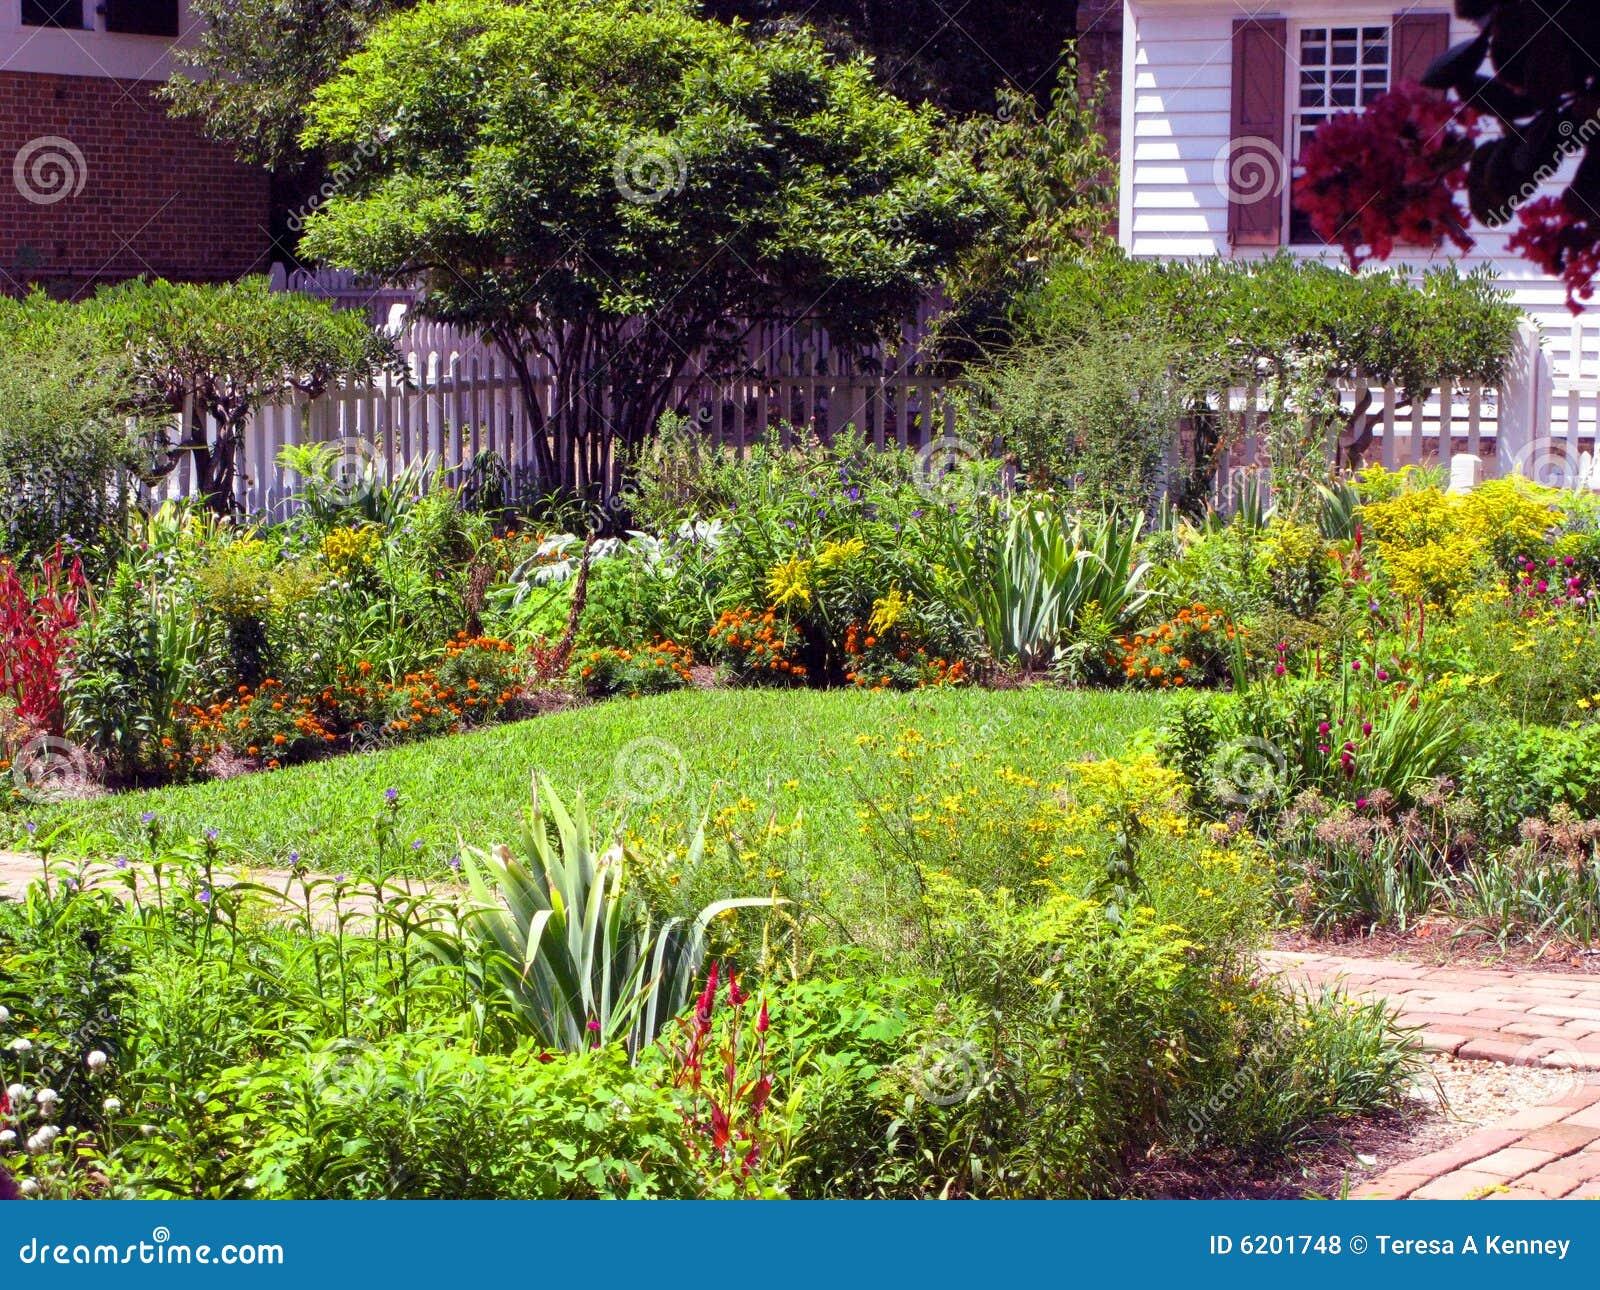 imagens jardins lindos : imagens jardins lindos:Jardins Bonitos Fotos de Stock Royalty Free – Imagem: 6201748